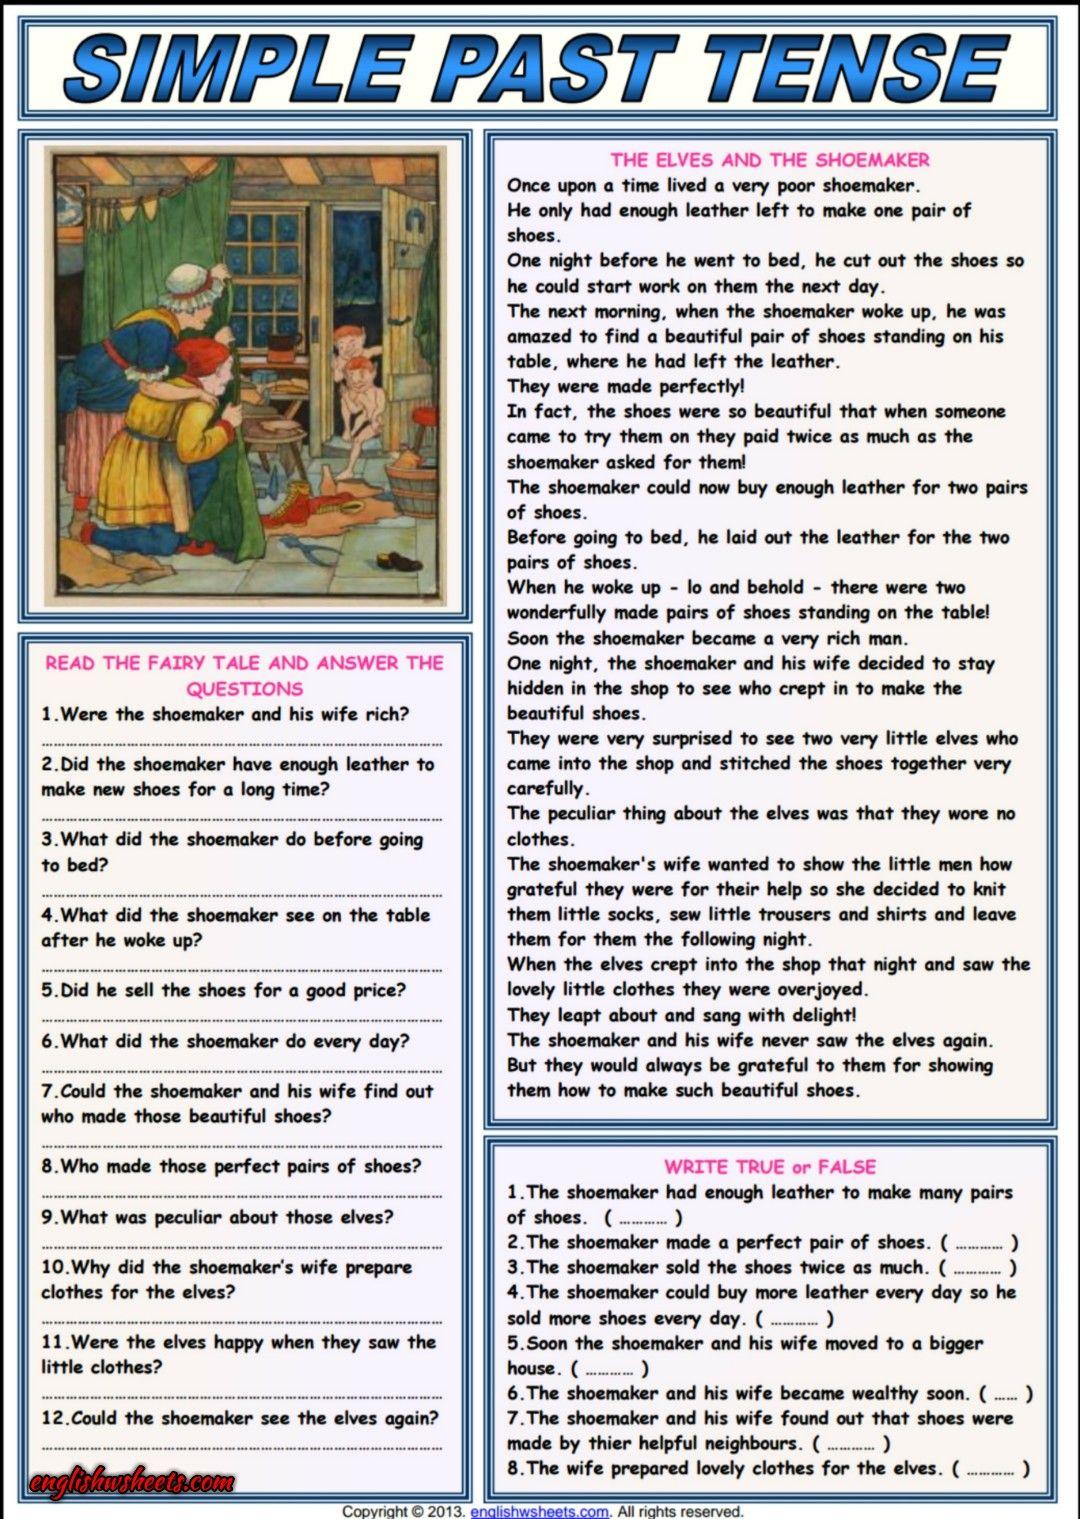 The Elves And The Shoemaker Comprehension Worksheet | Esl Printable ...